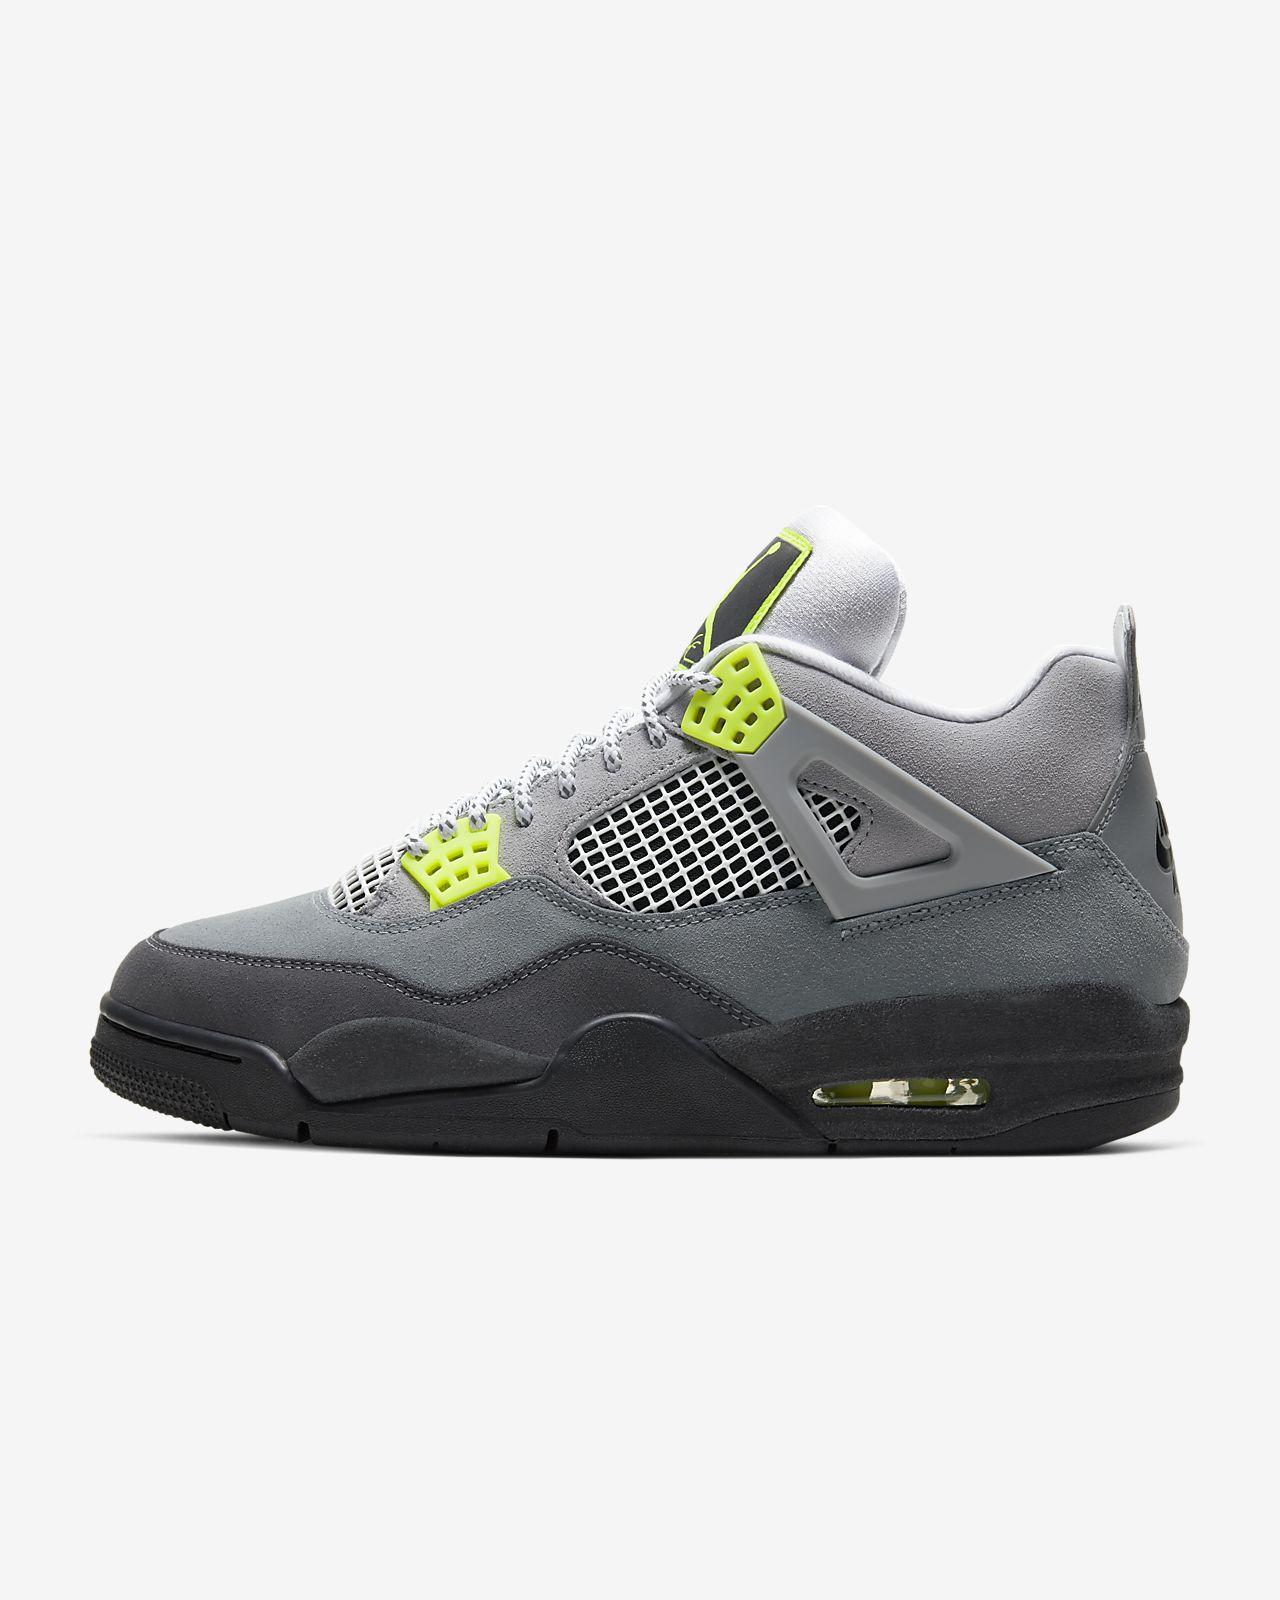 Air Jordan 4 Retro SE 男鞋